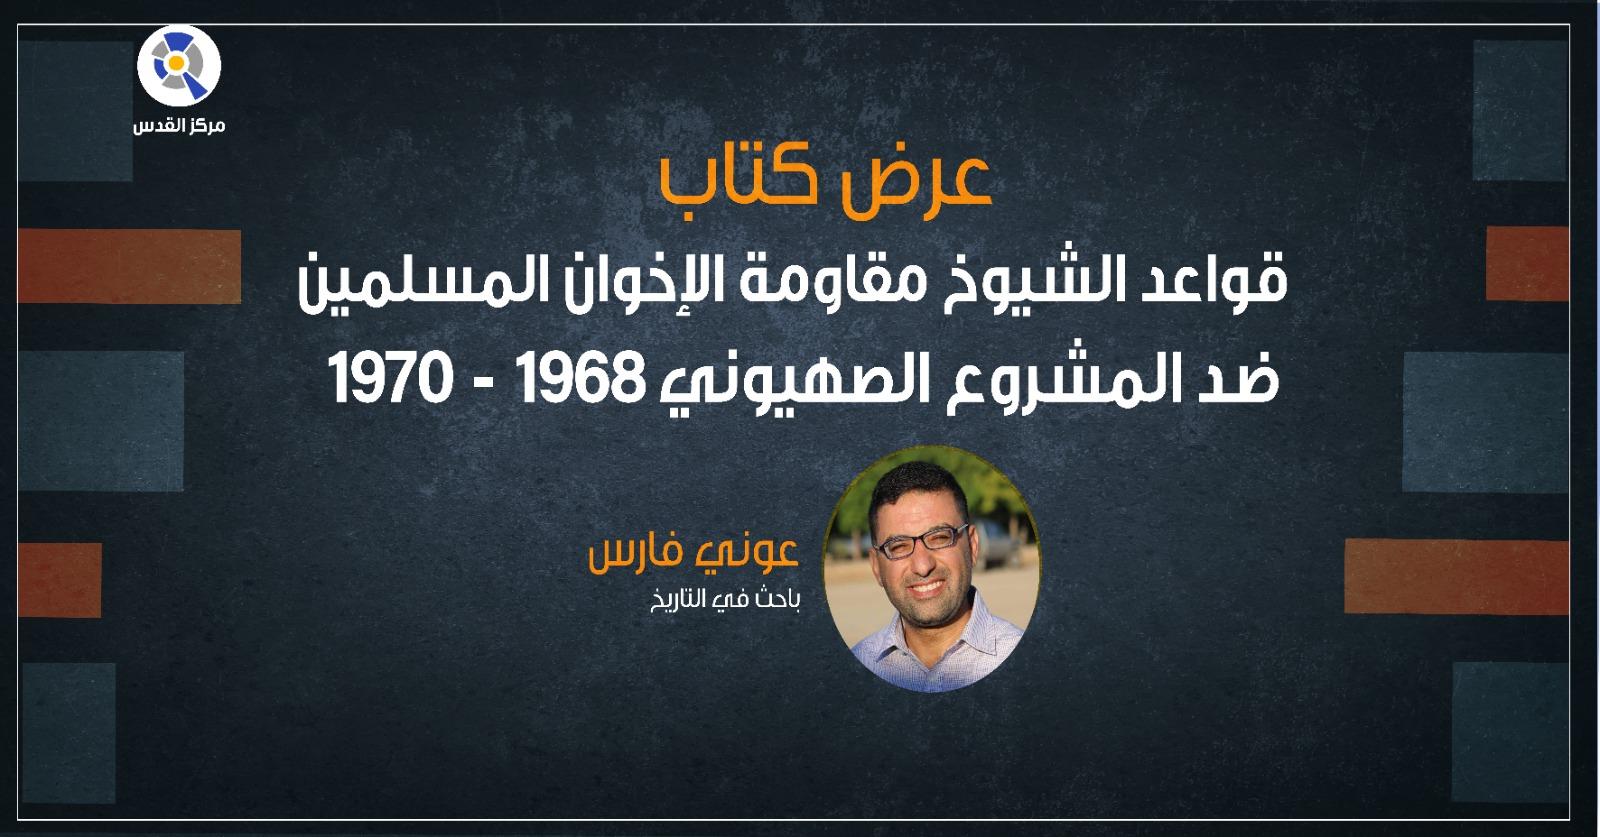 قواعد الشيوخ.. مقاومة الإخوان المسلمين ضد المشروع الصهيوني 19